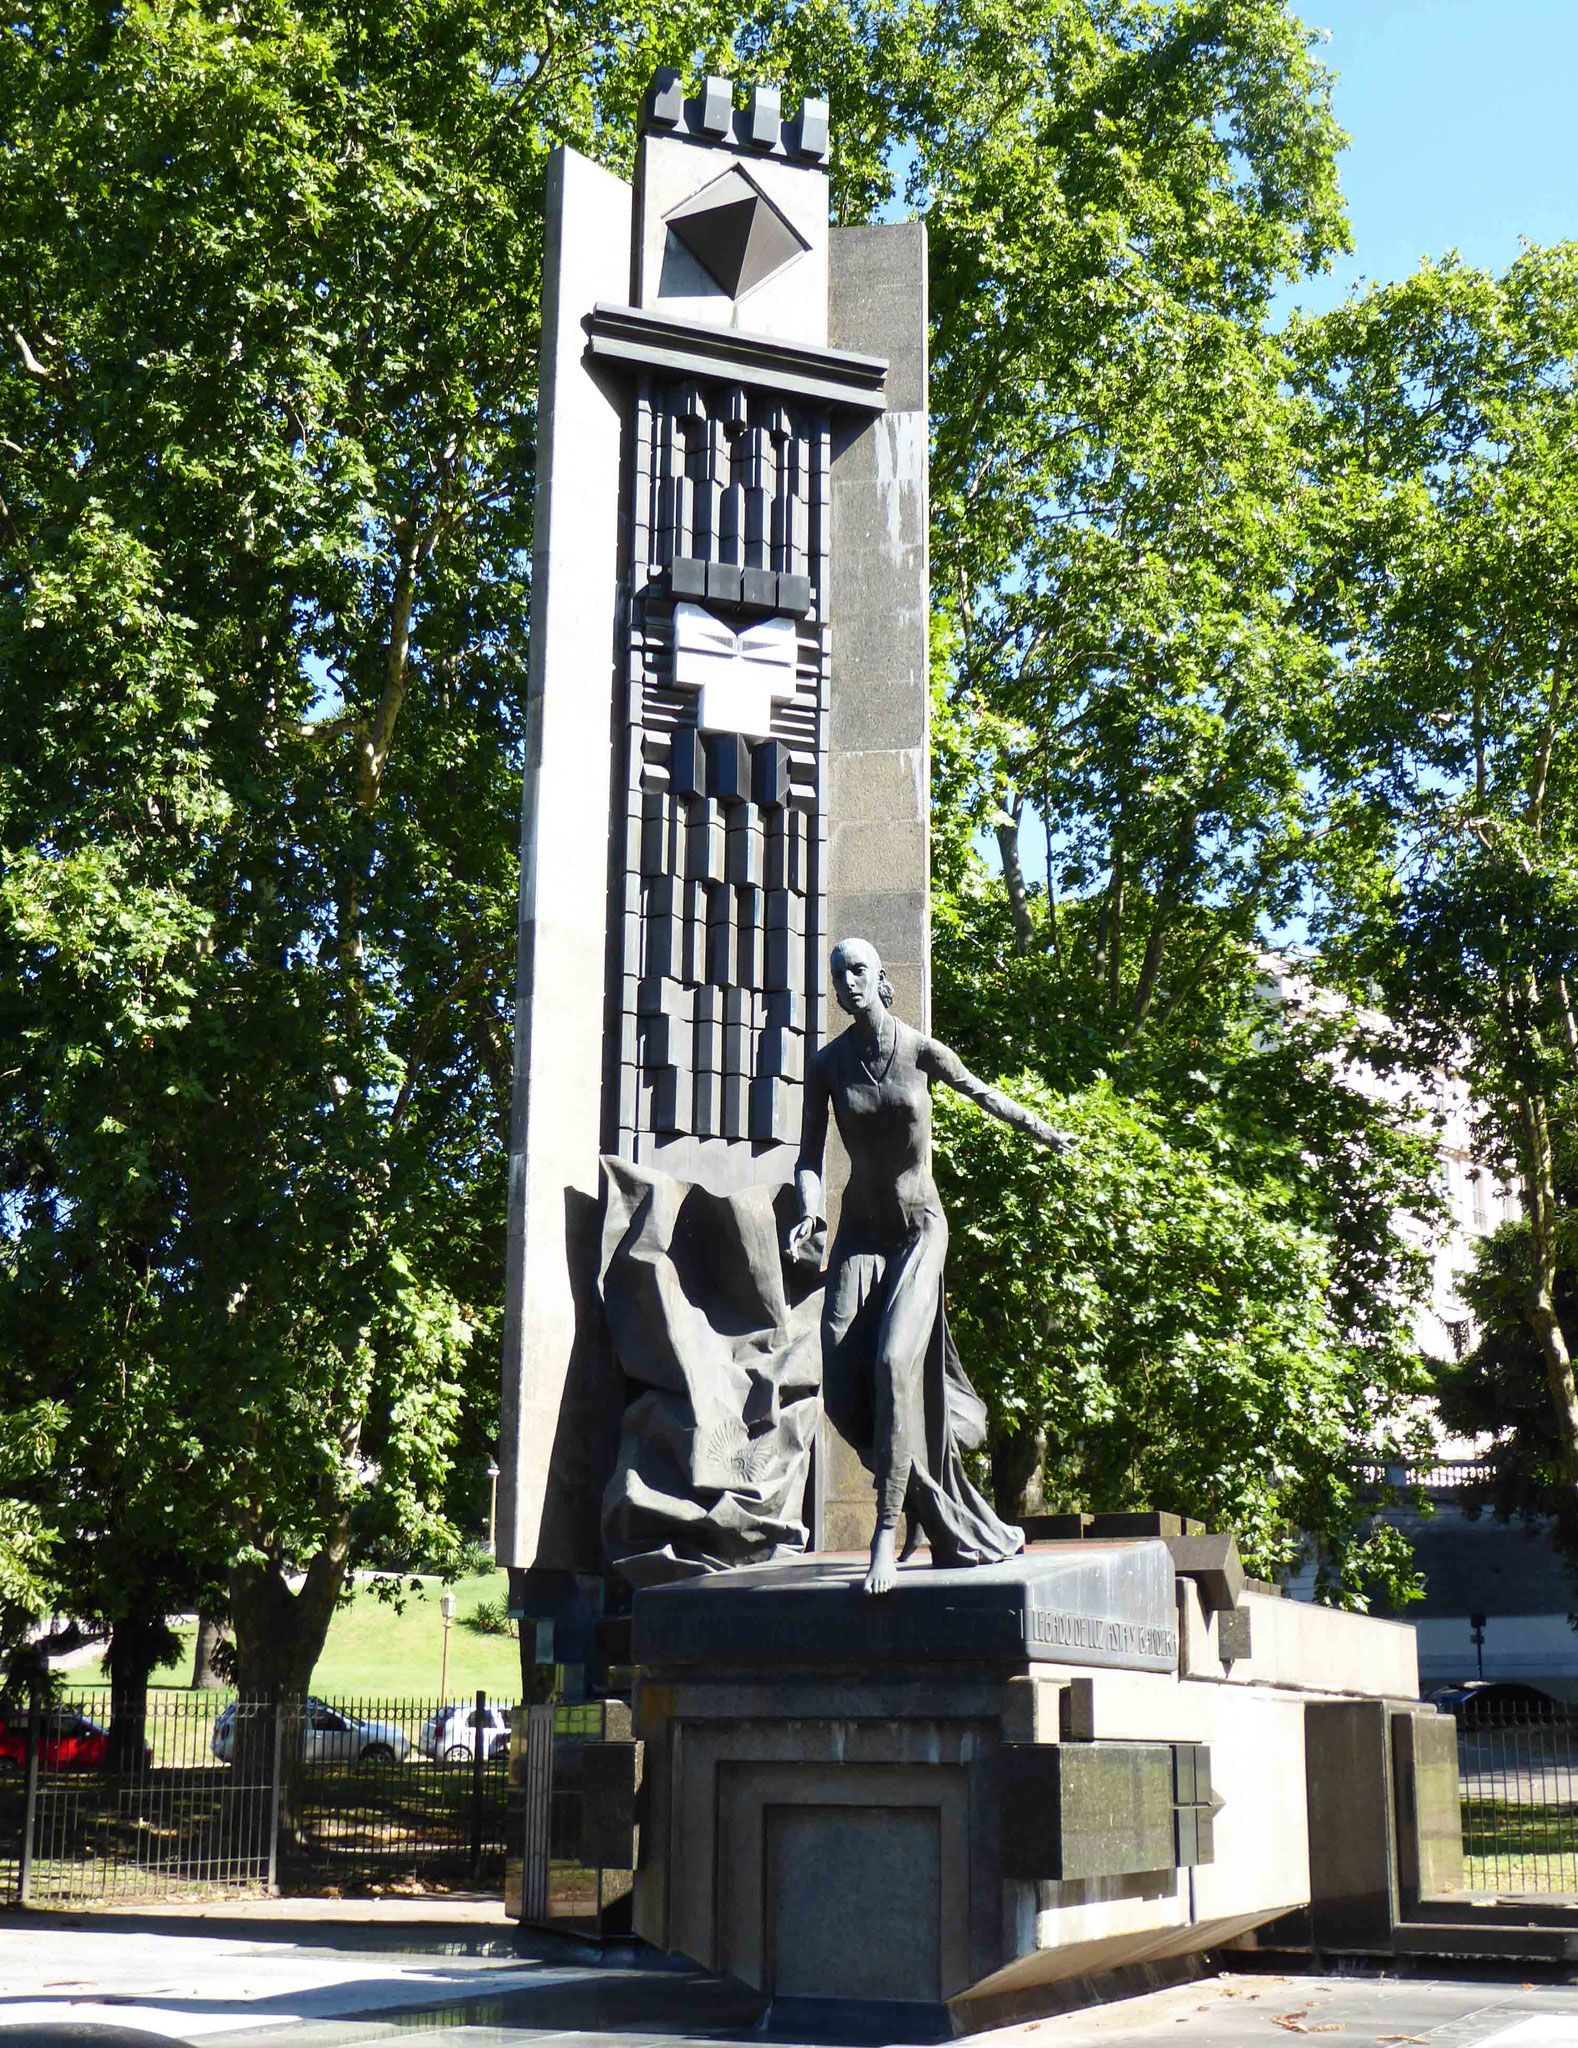 Monument dédié à Evita Peron dans le quartier de la Recoleta